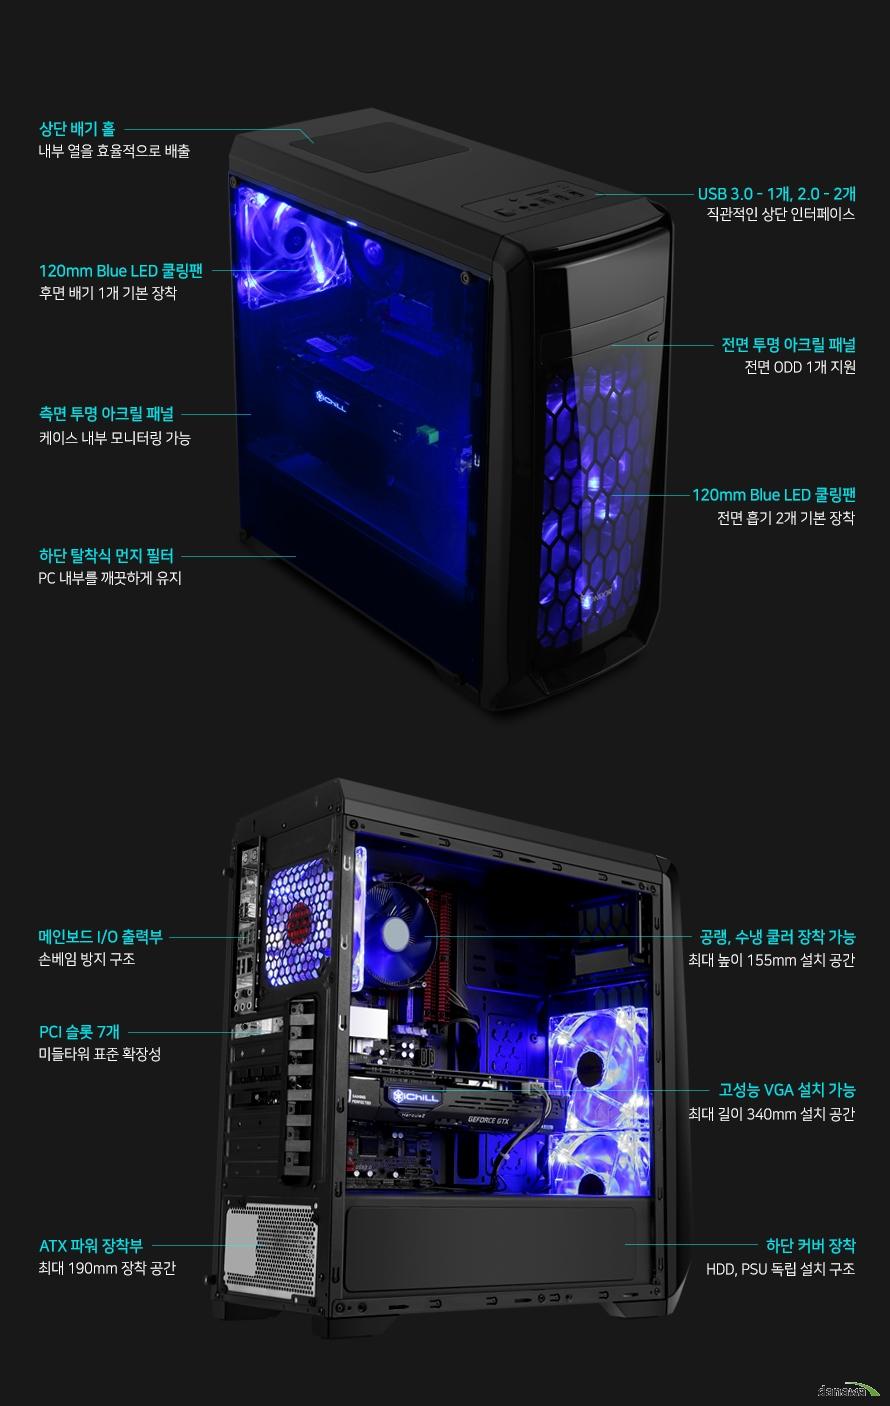 상단 에어홀뜨거운 열을 효율적으로 배출하고 착탈식 먼지필터로 PC 내부를 깨끗하게 유지120mm BLUE LED 쿨링팬후면 1개의 120mm LED 쿨링팬이 뜨거운 열을 효율적으로 배출USB 3.0 (1개)USB 2.0 (1개)마이크, 헤드폰전면 헤어라인 디자인측면 투명 아크릴 패널케이스 내부 상태를 파악할 수 있는 감각적인 디자인의 투명 아크릴 패널하단 착탈식 먼지 필터전면 2개의 120mm LED 쿨링팬이강력한 흡기 시스템을 구축(기본 장착) 2.5/3.5인치 베이2개의 2.5인치 SSD와2개의 3.5인치 HDD 장착메인보드 I/O 출력부PCI 슬롯 (7개)ATX 파워 장착부